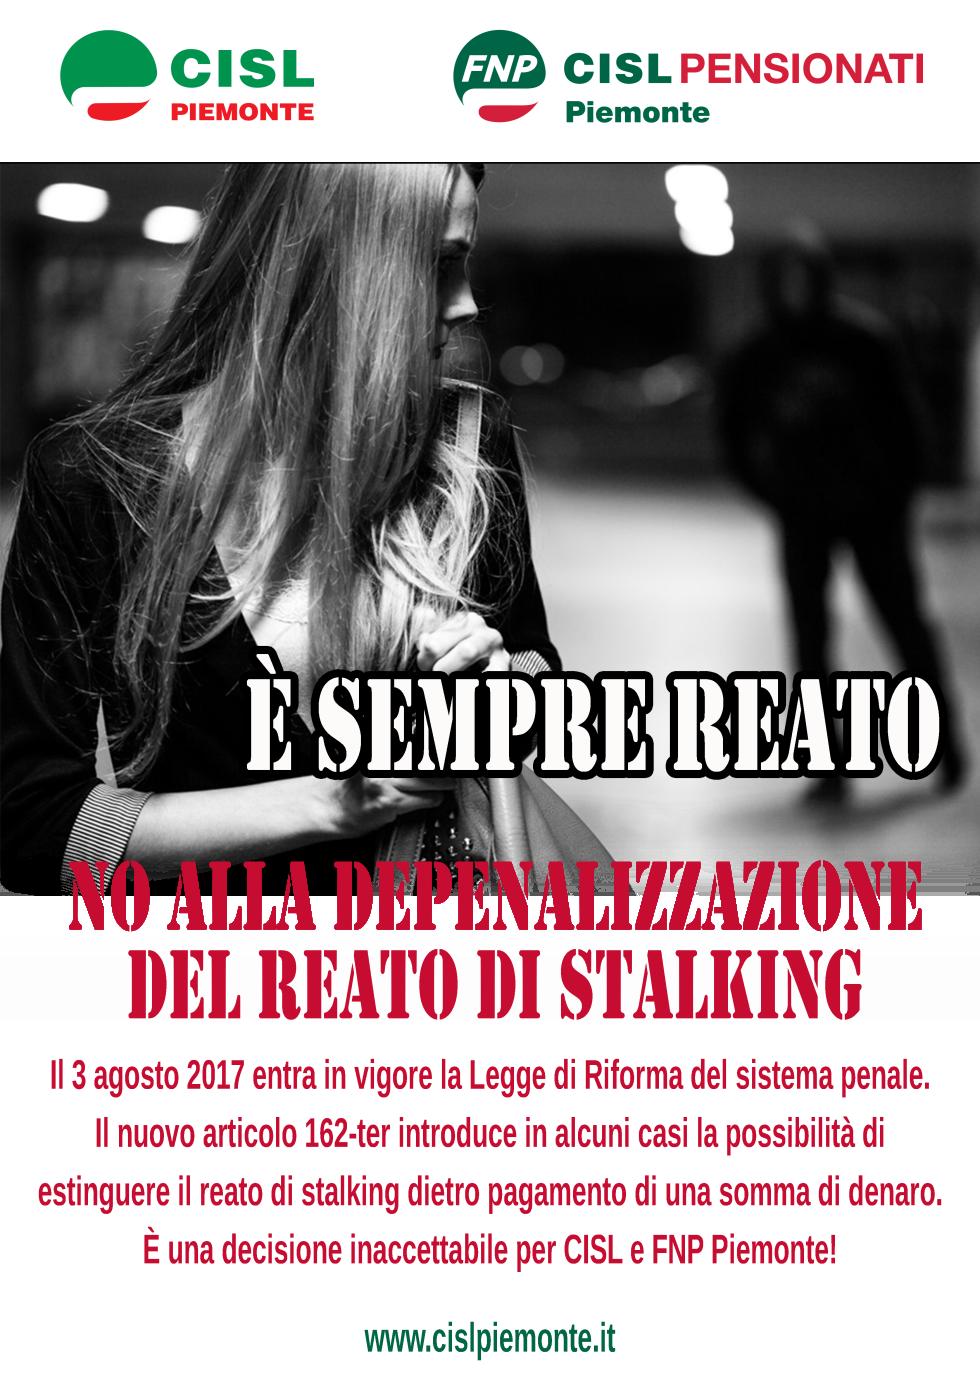 Stalking: correggere subito la riforma del codice penale